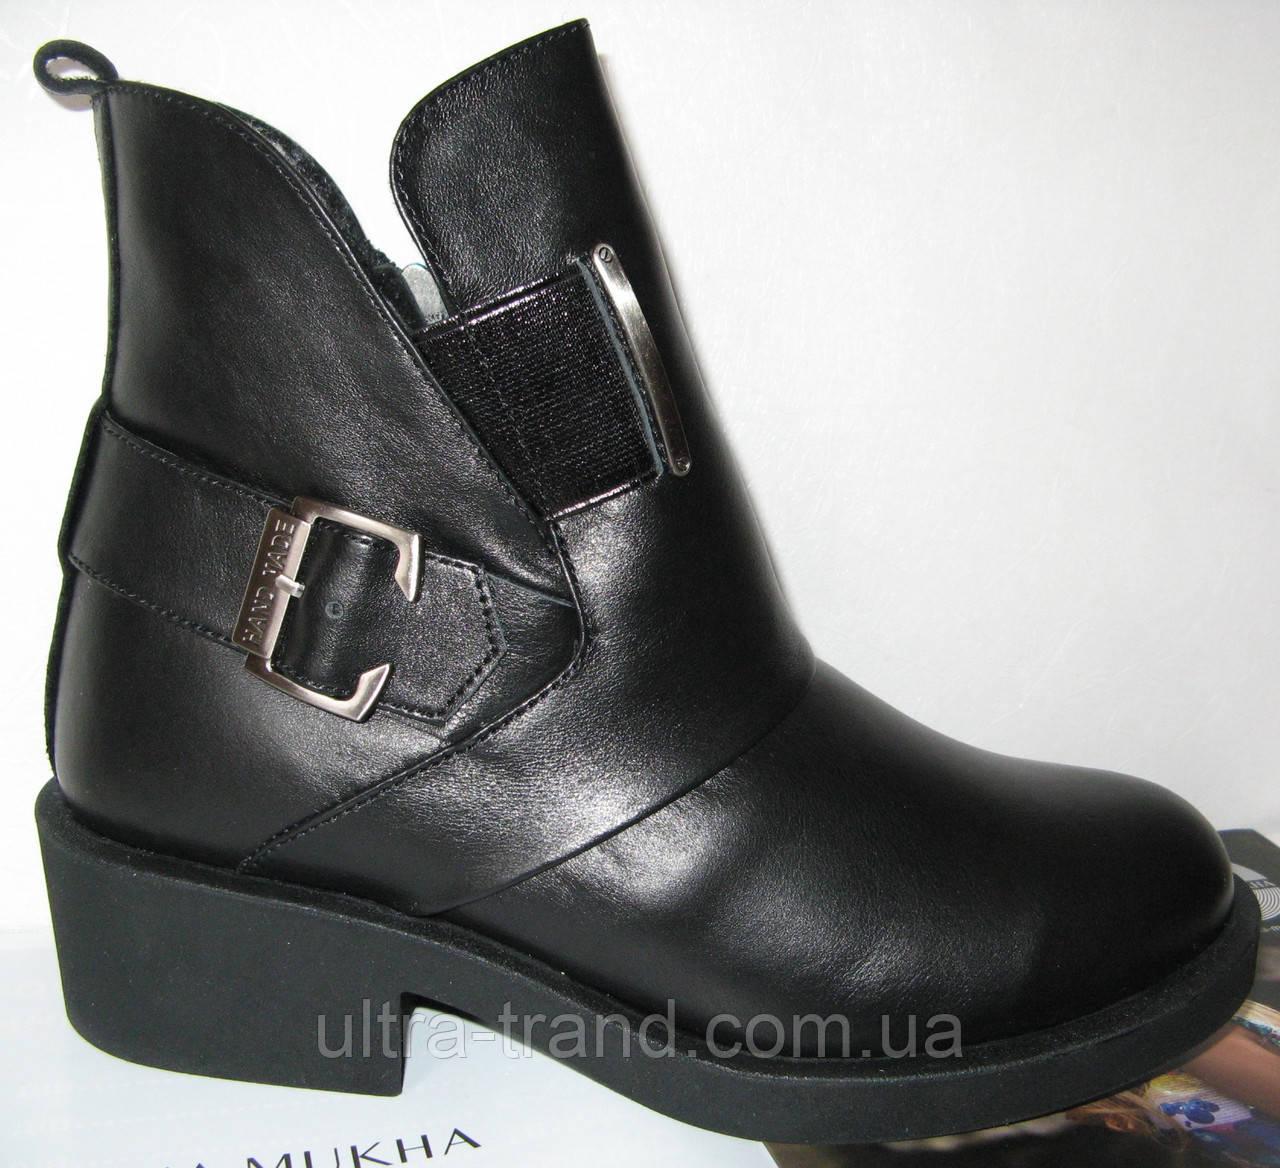 Женские зимние кожаные ботинки в стиле Diesel   продажа, цена в ... b503c574b76